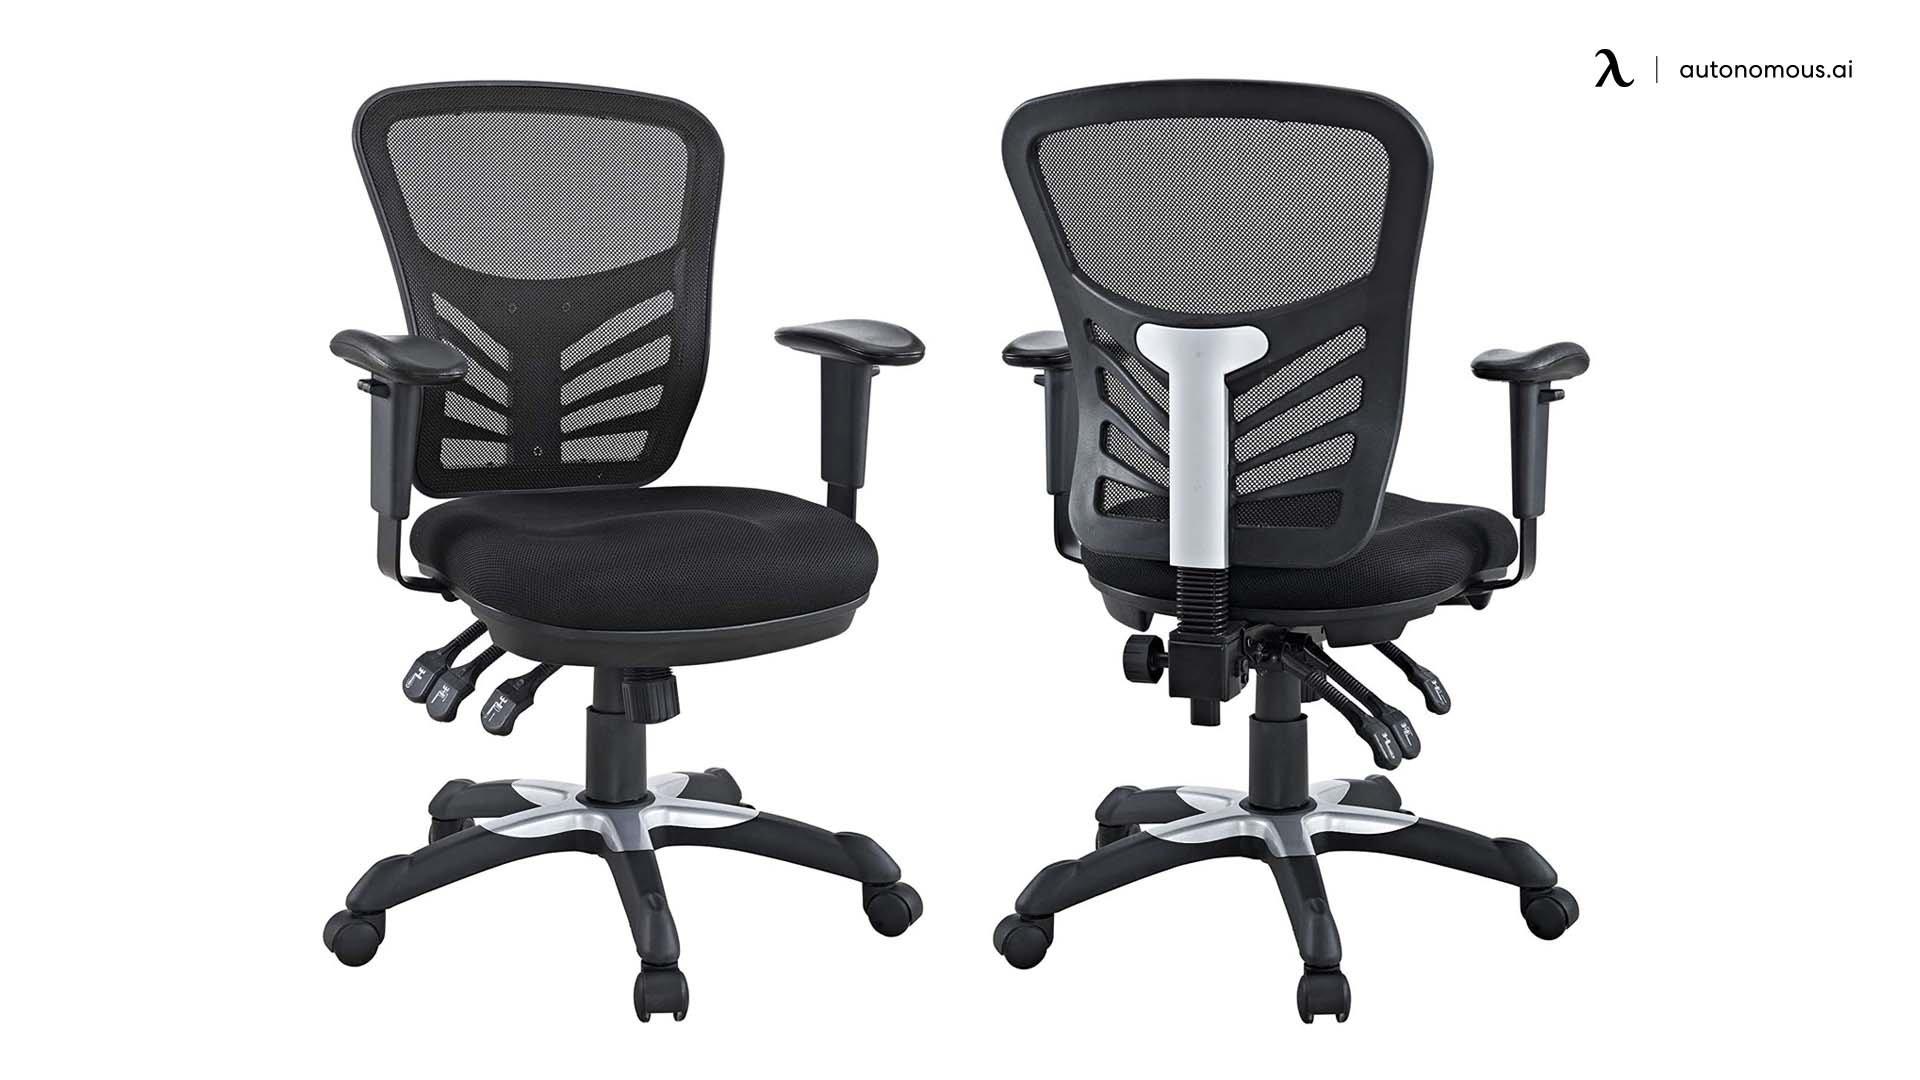 Modway articulate mesh chair